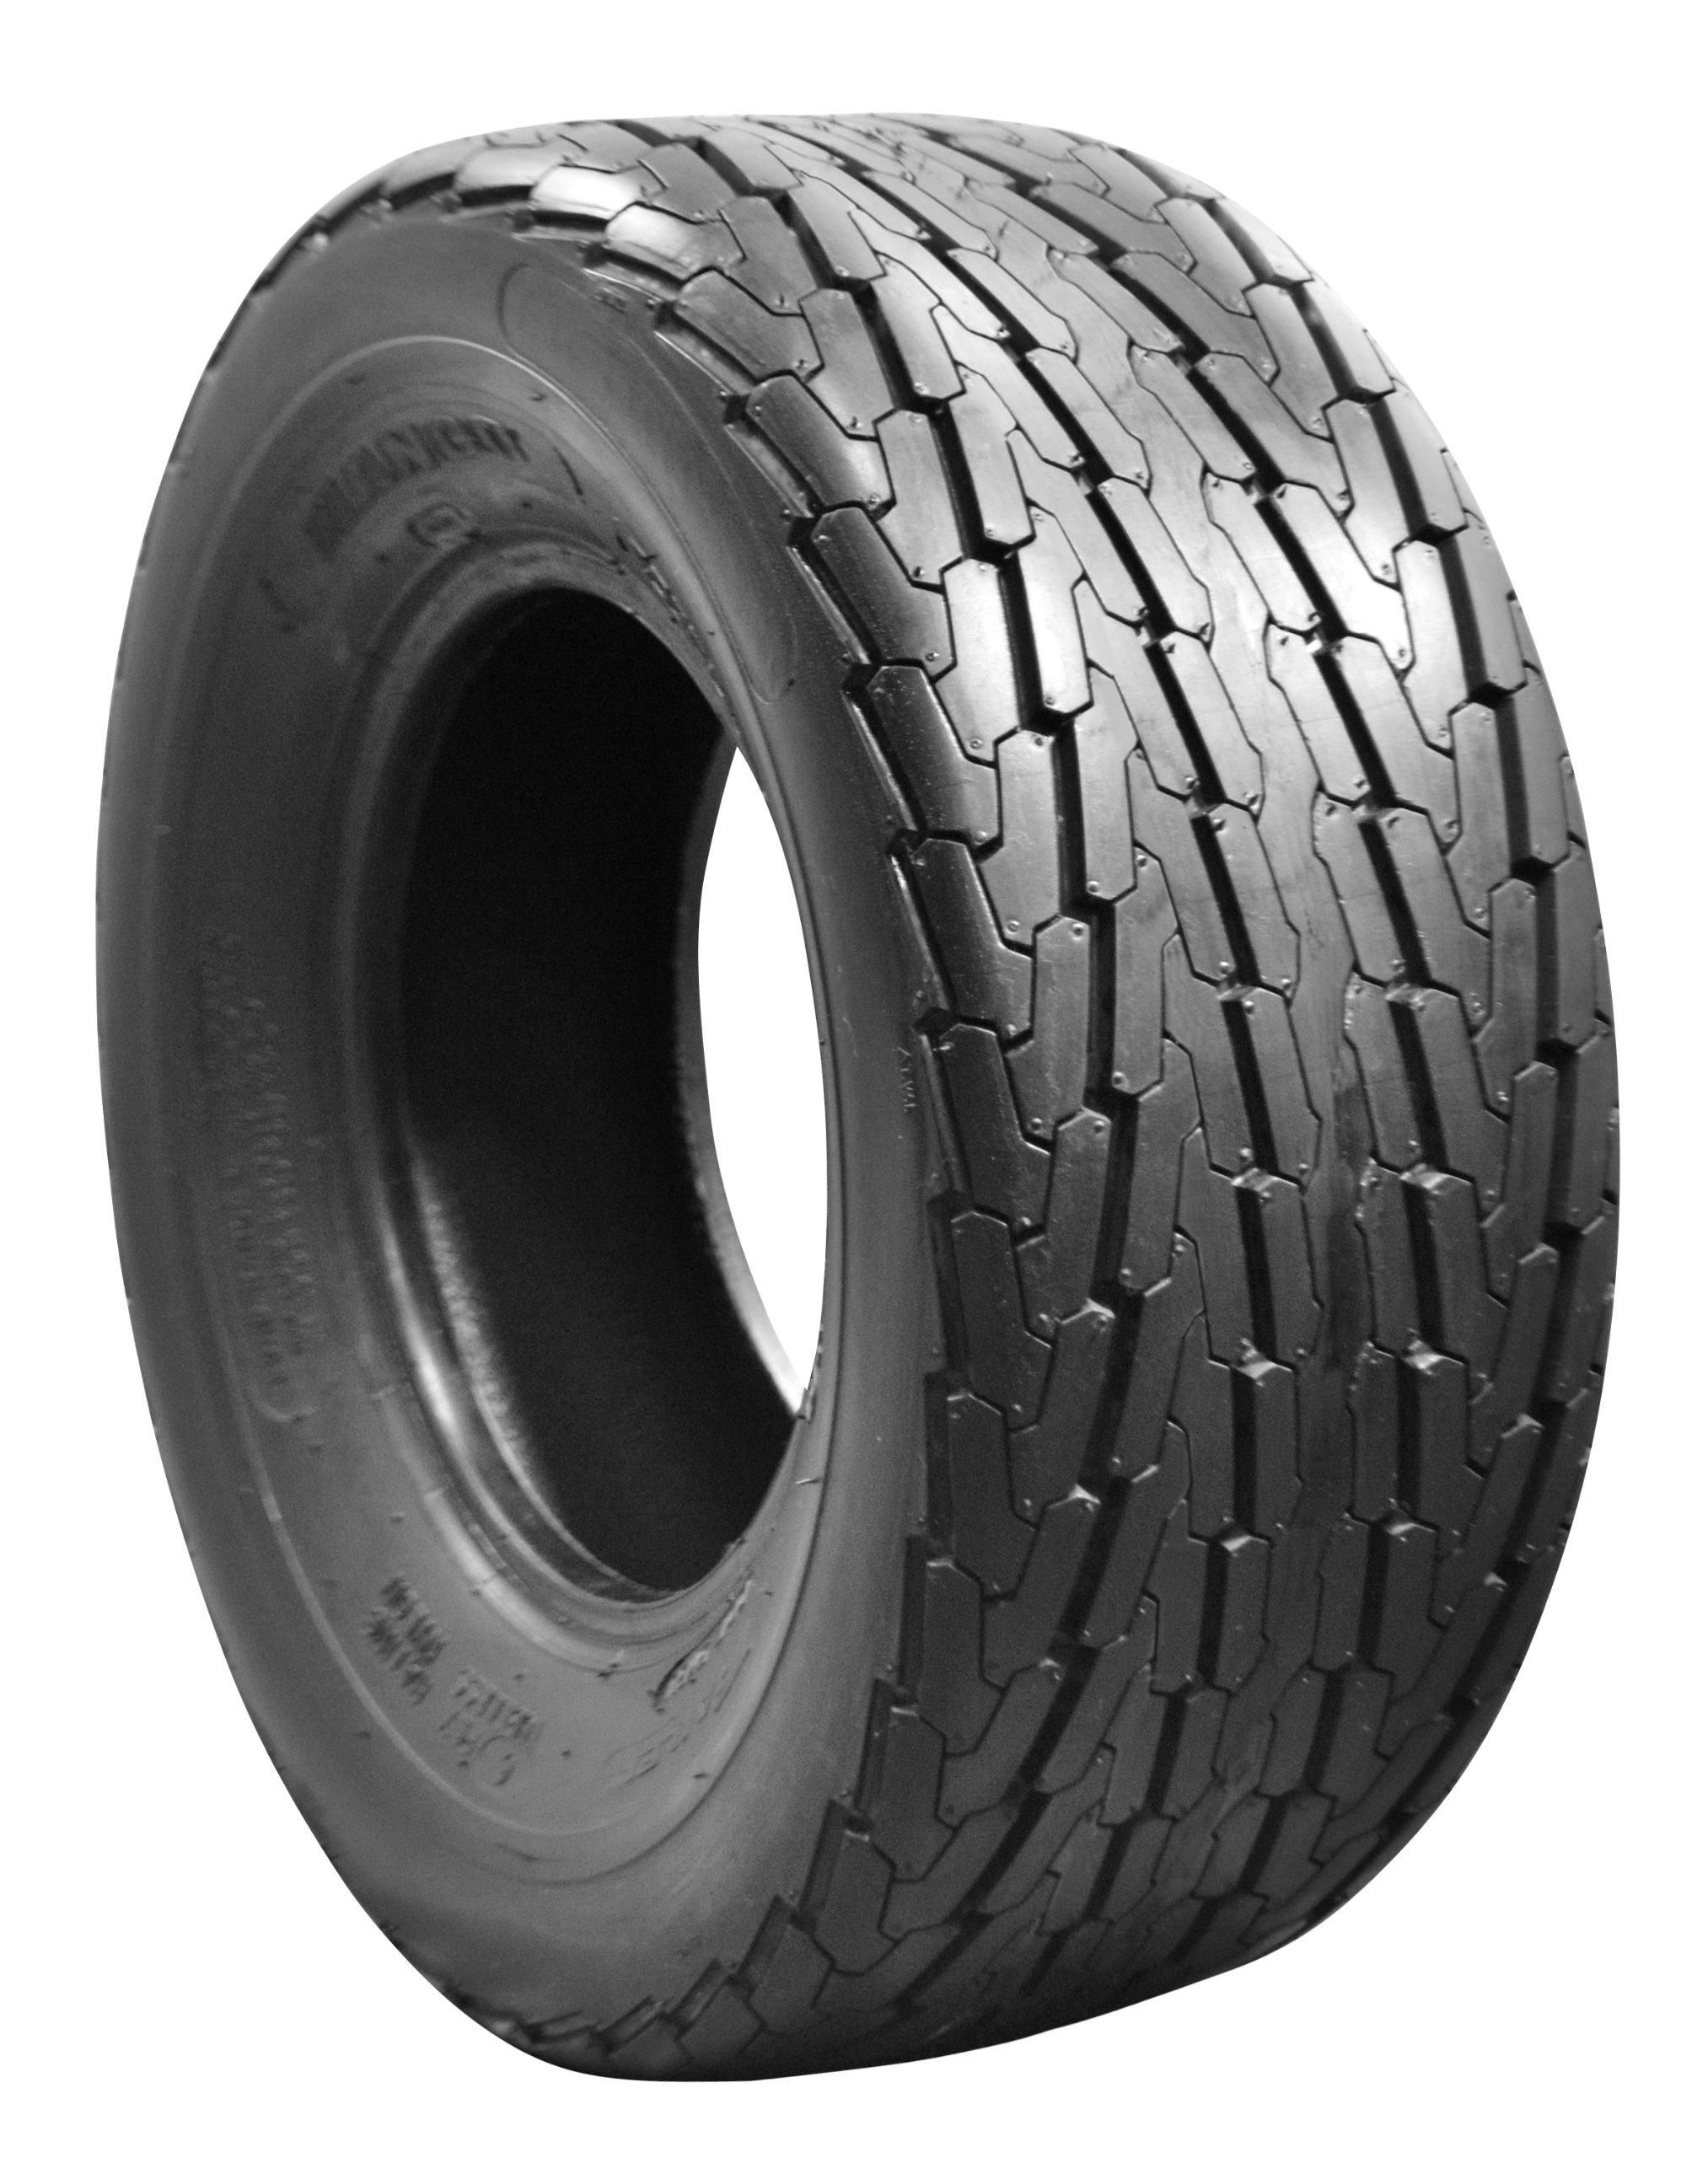 Nanco Bias Tire - 20.5x8.0R10 J